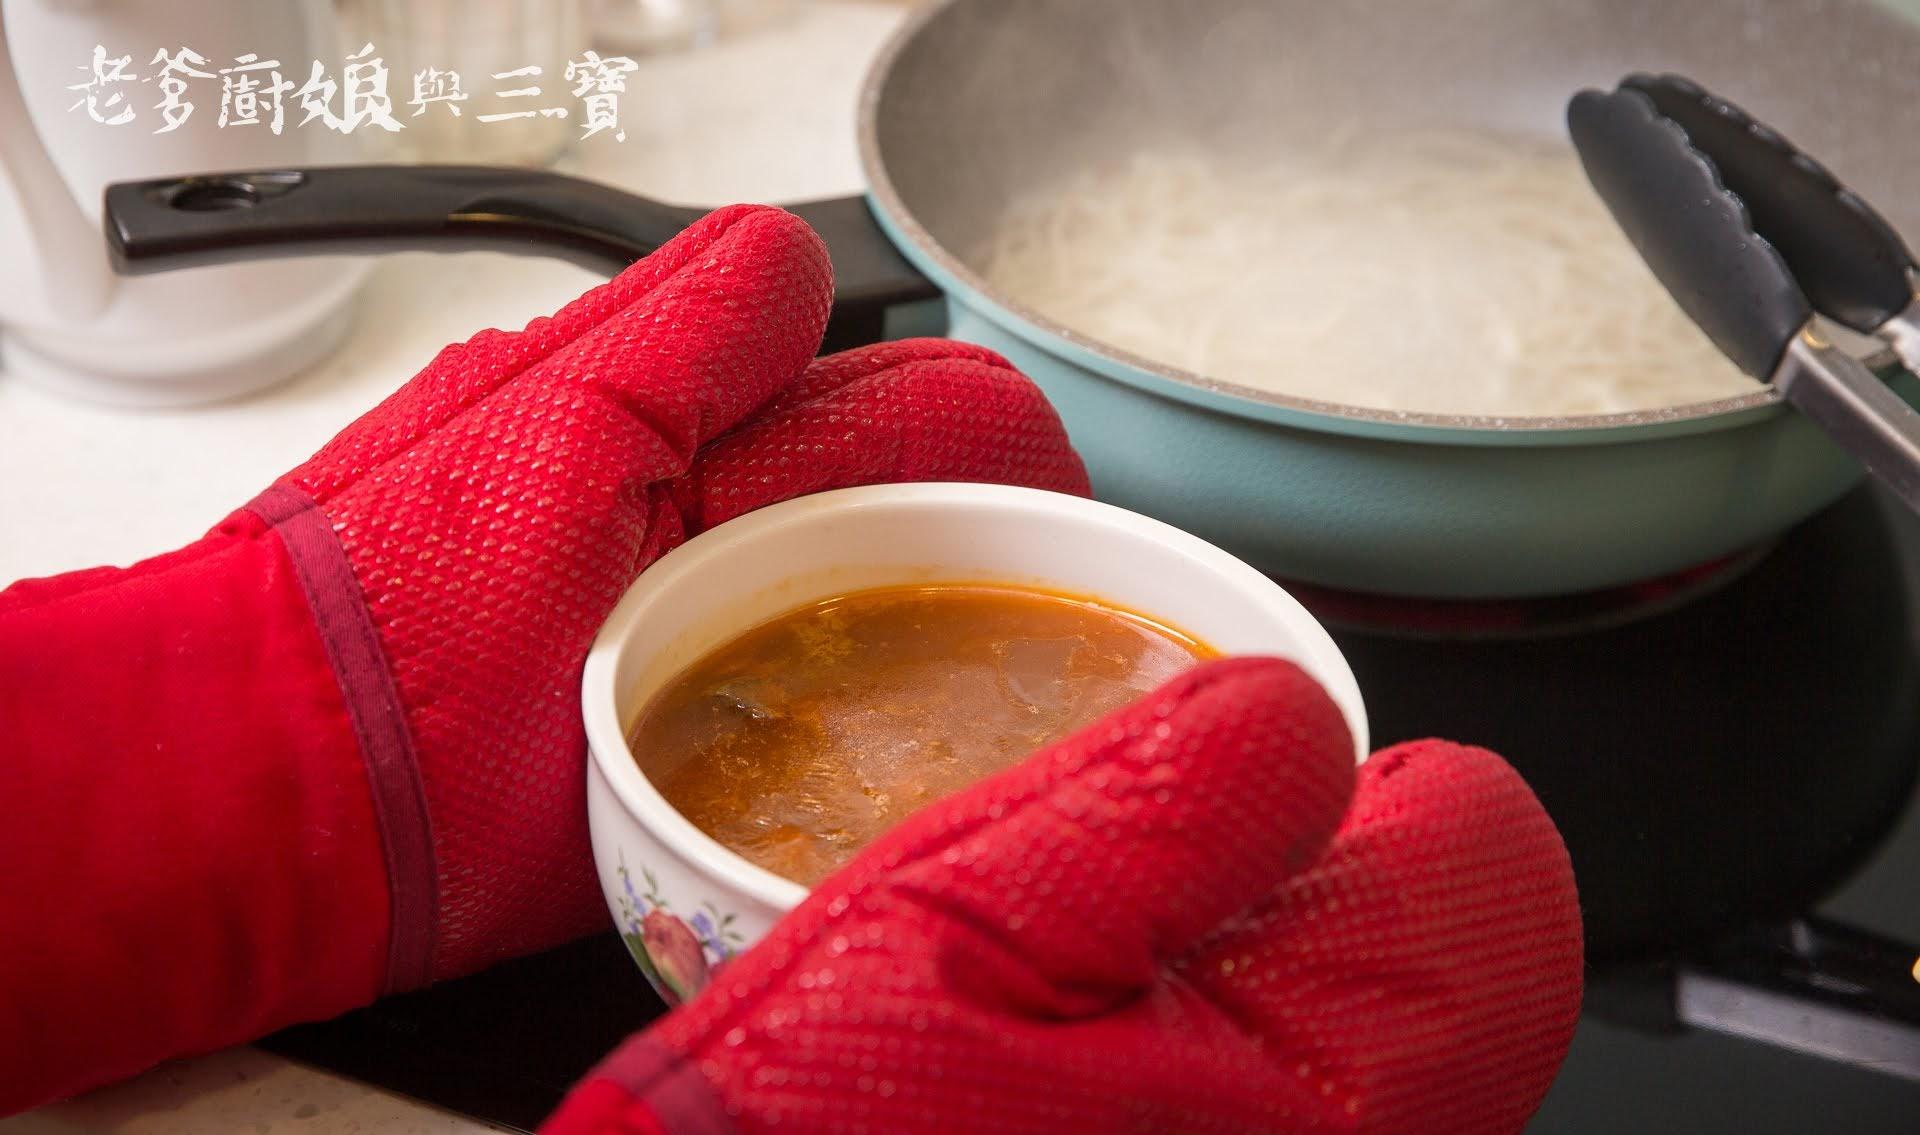 老協珍川味牛肉麵...黃金筋肉比例、滾刀塊切法肉豪氣的星級方便料理